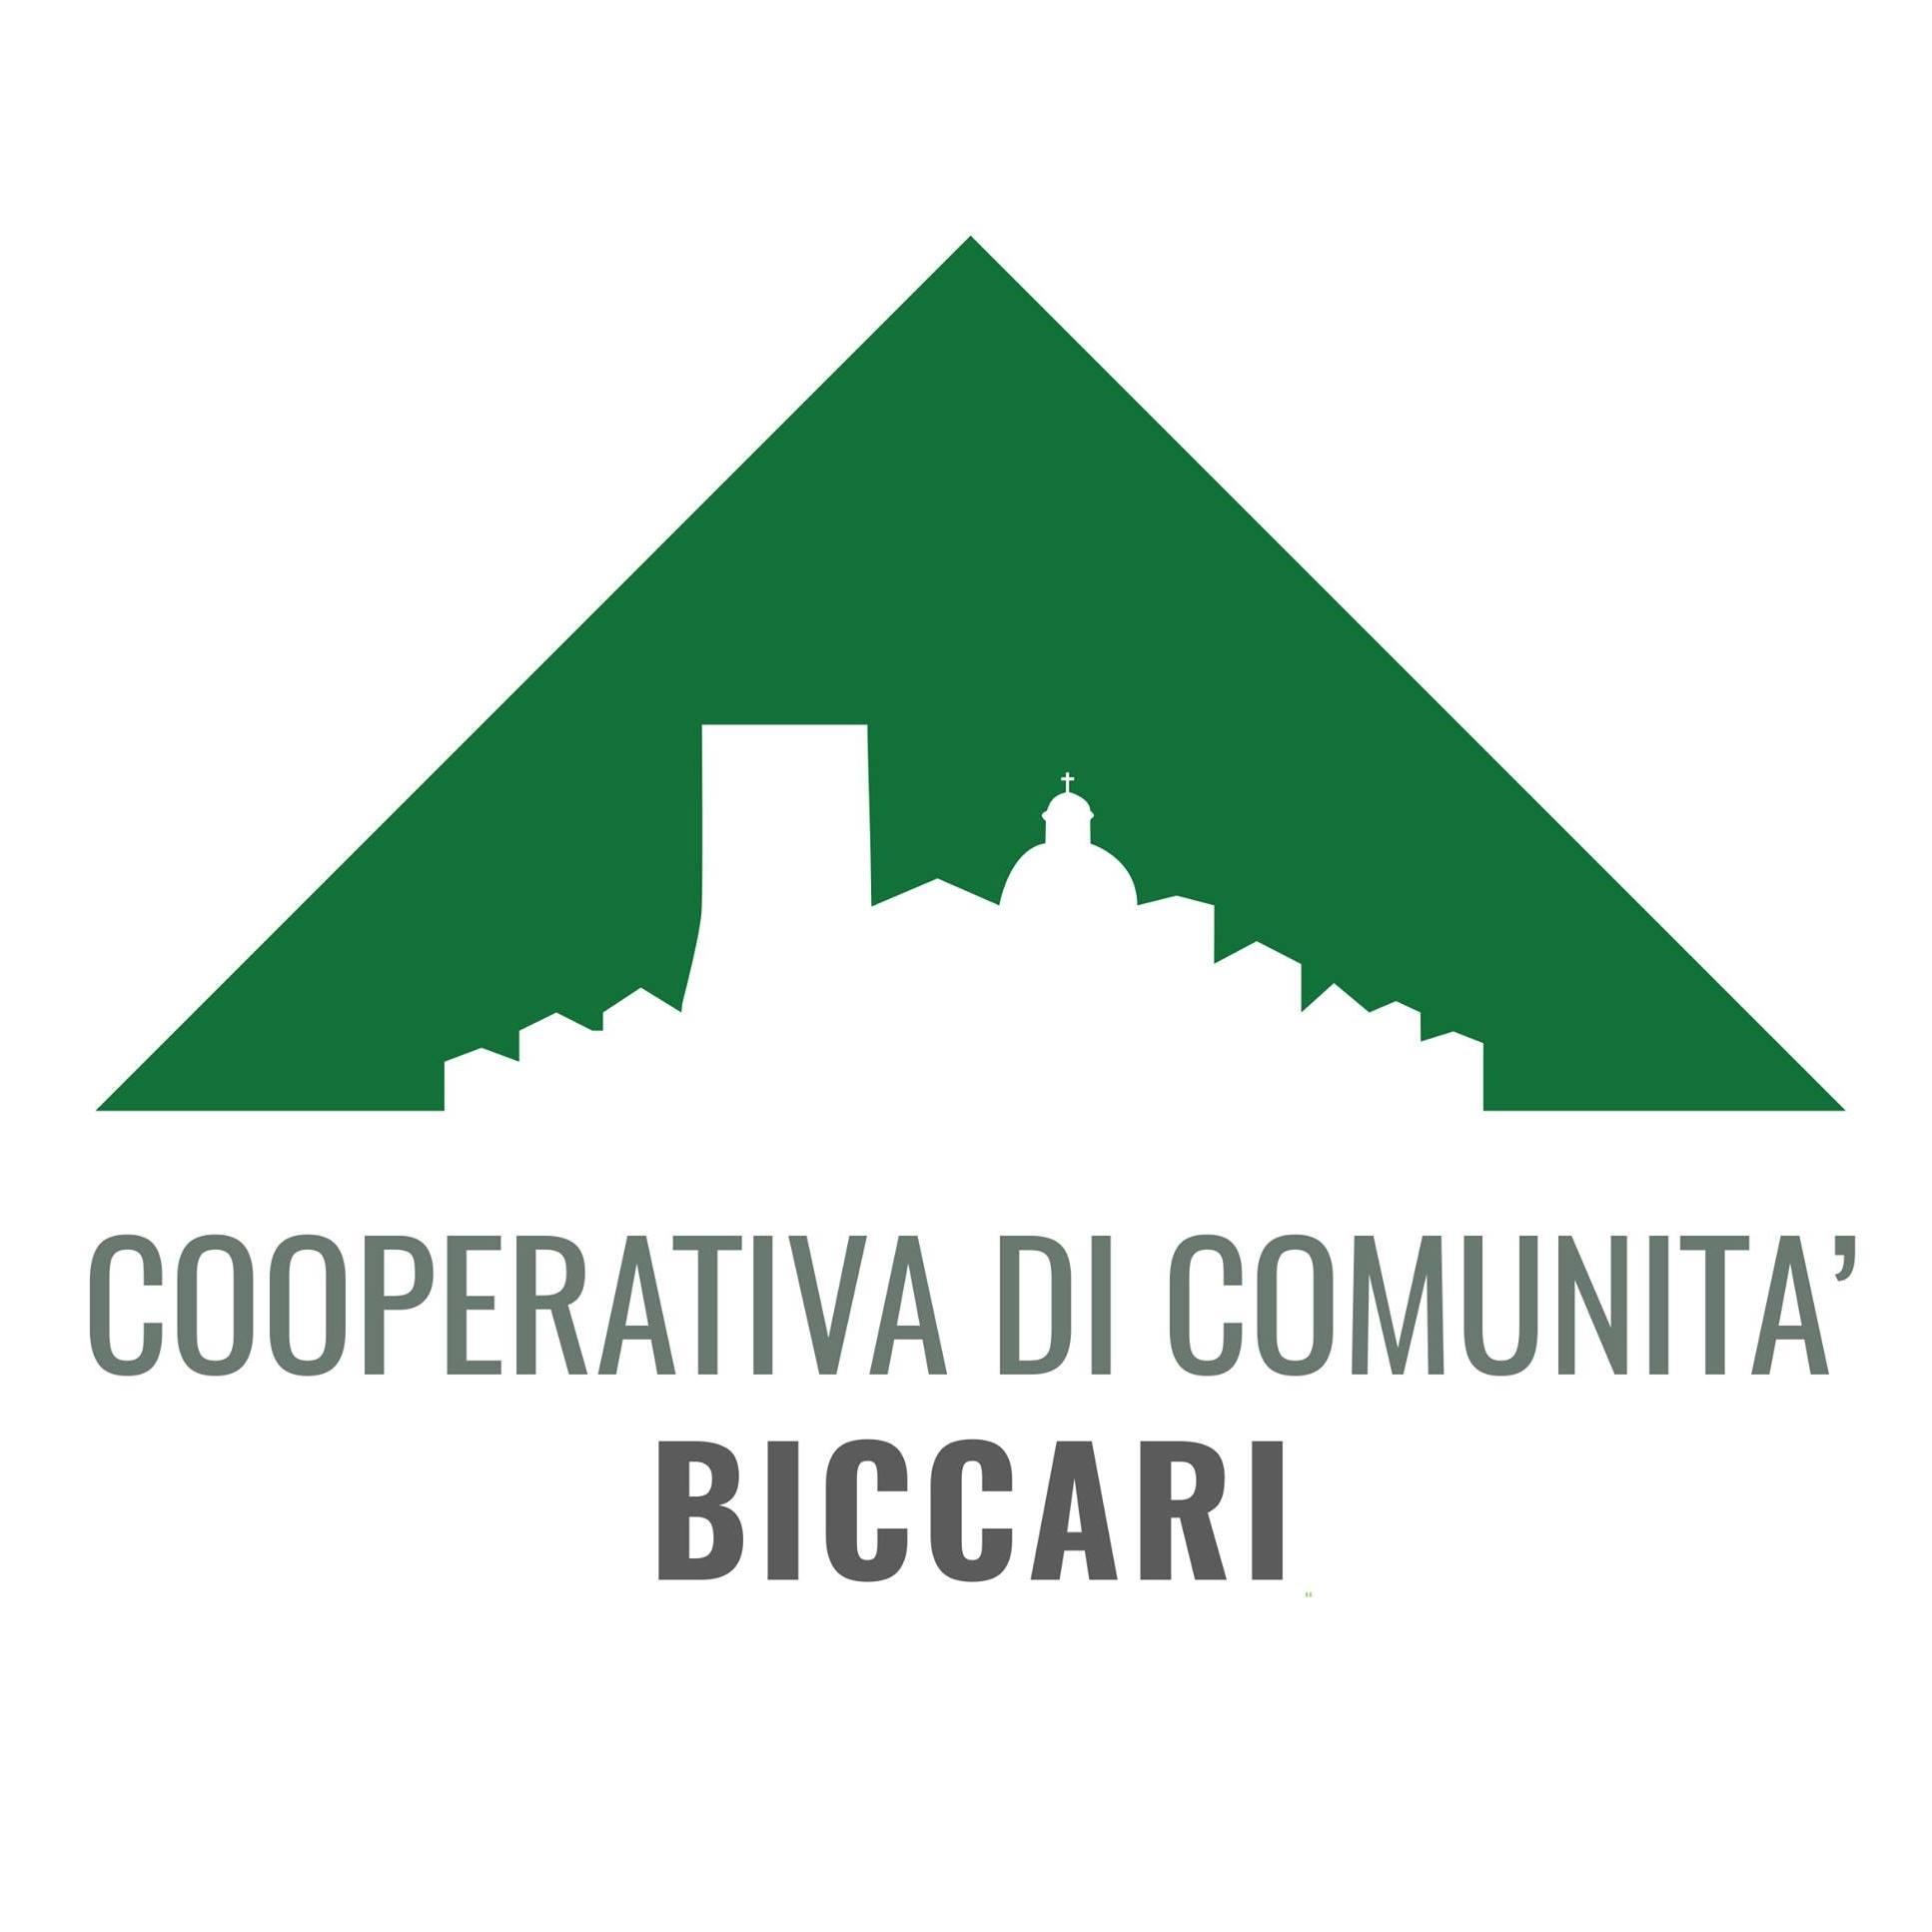 Cooperativa di comunità di Biccari